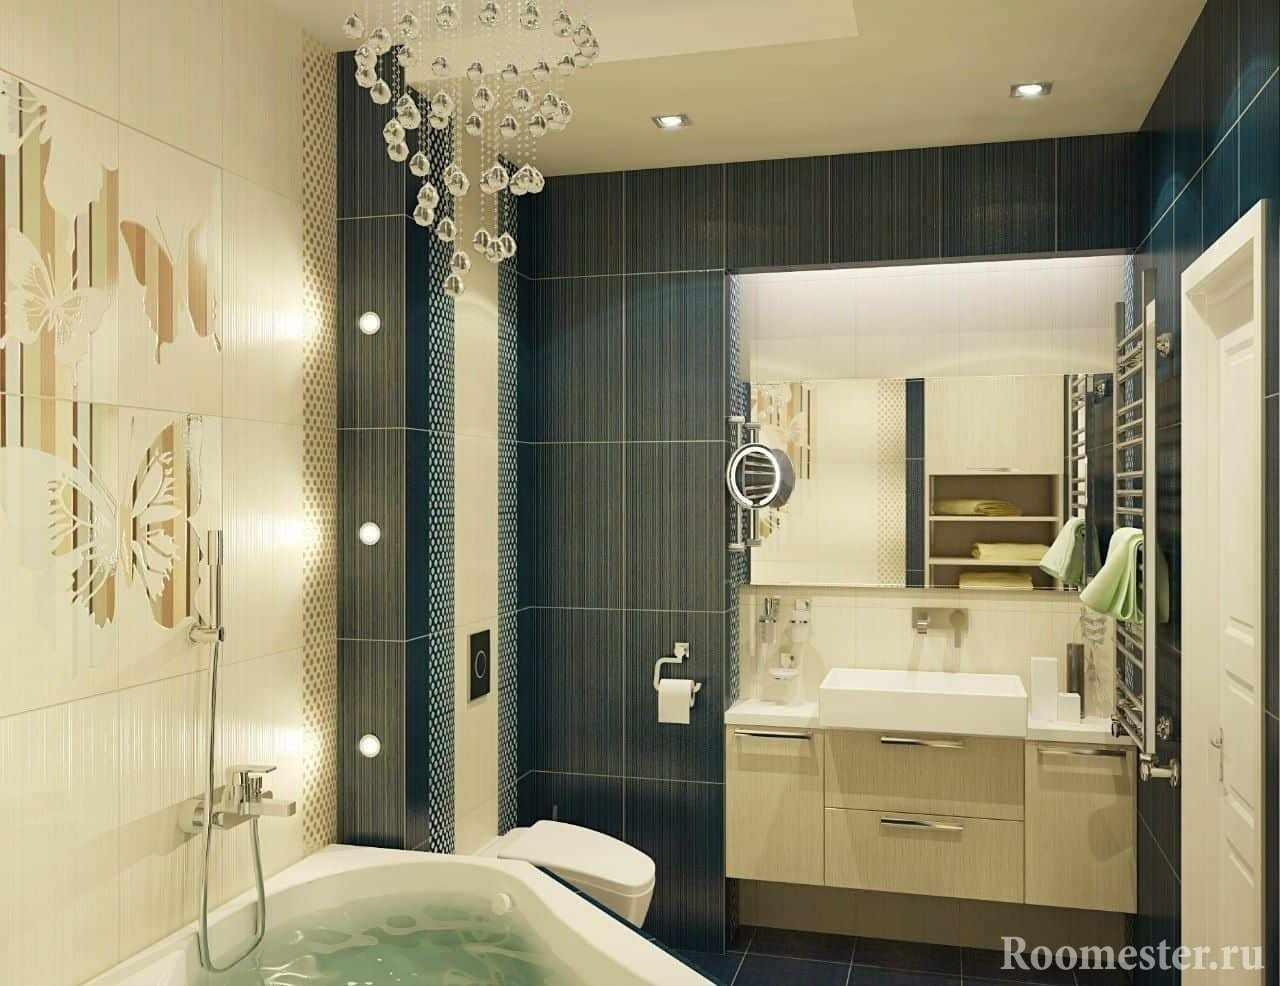 Маленькая ванная комната в панельном доме с угловой ванной